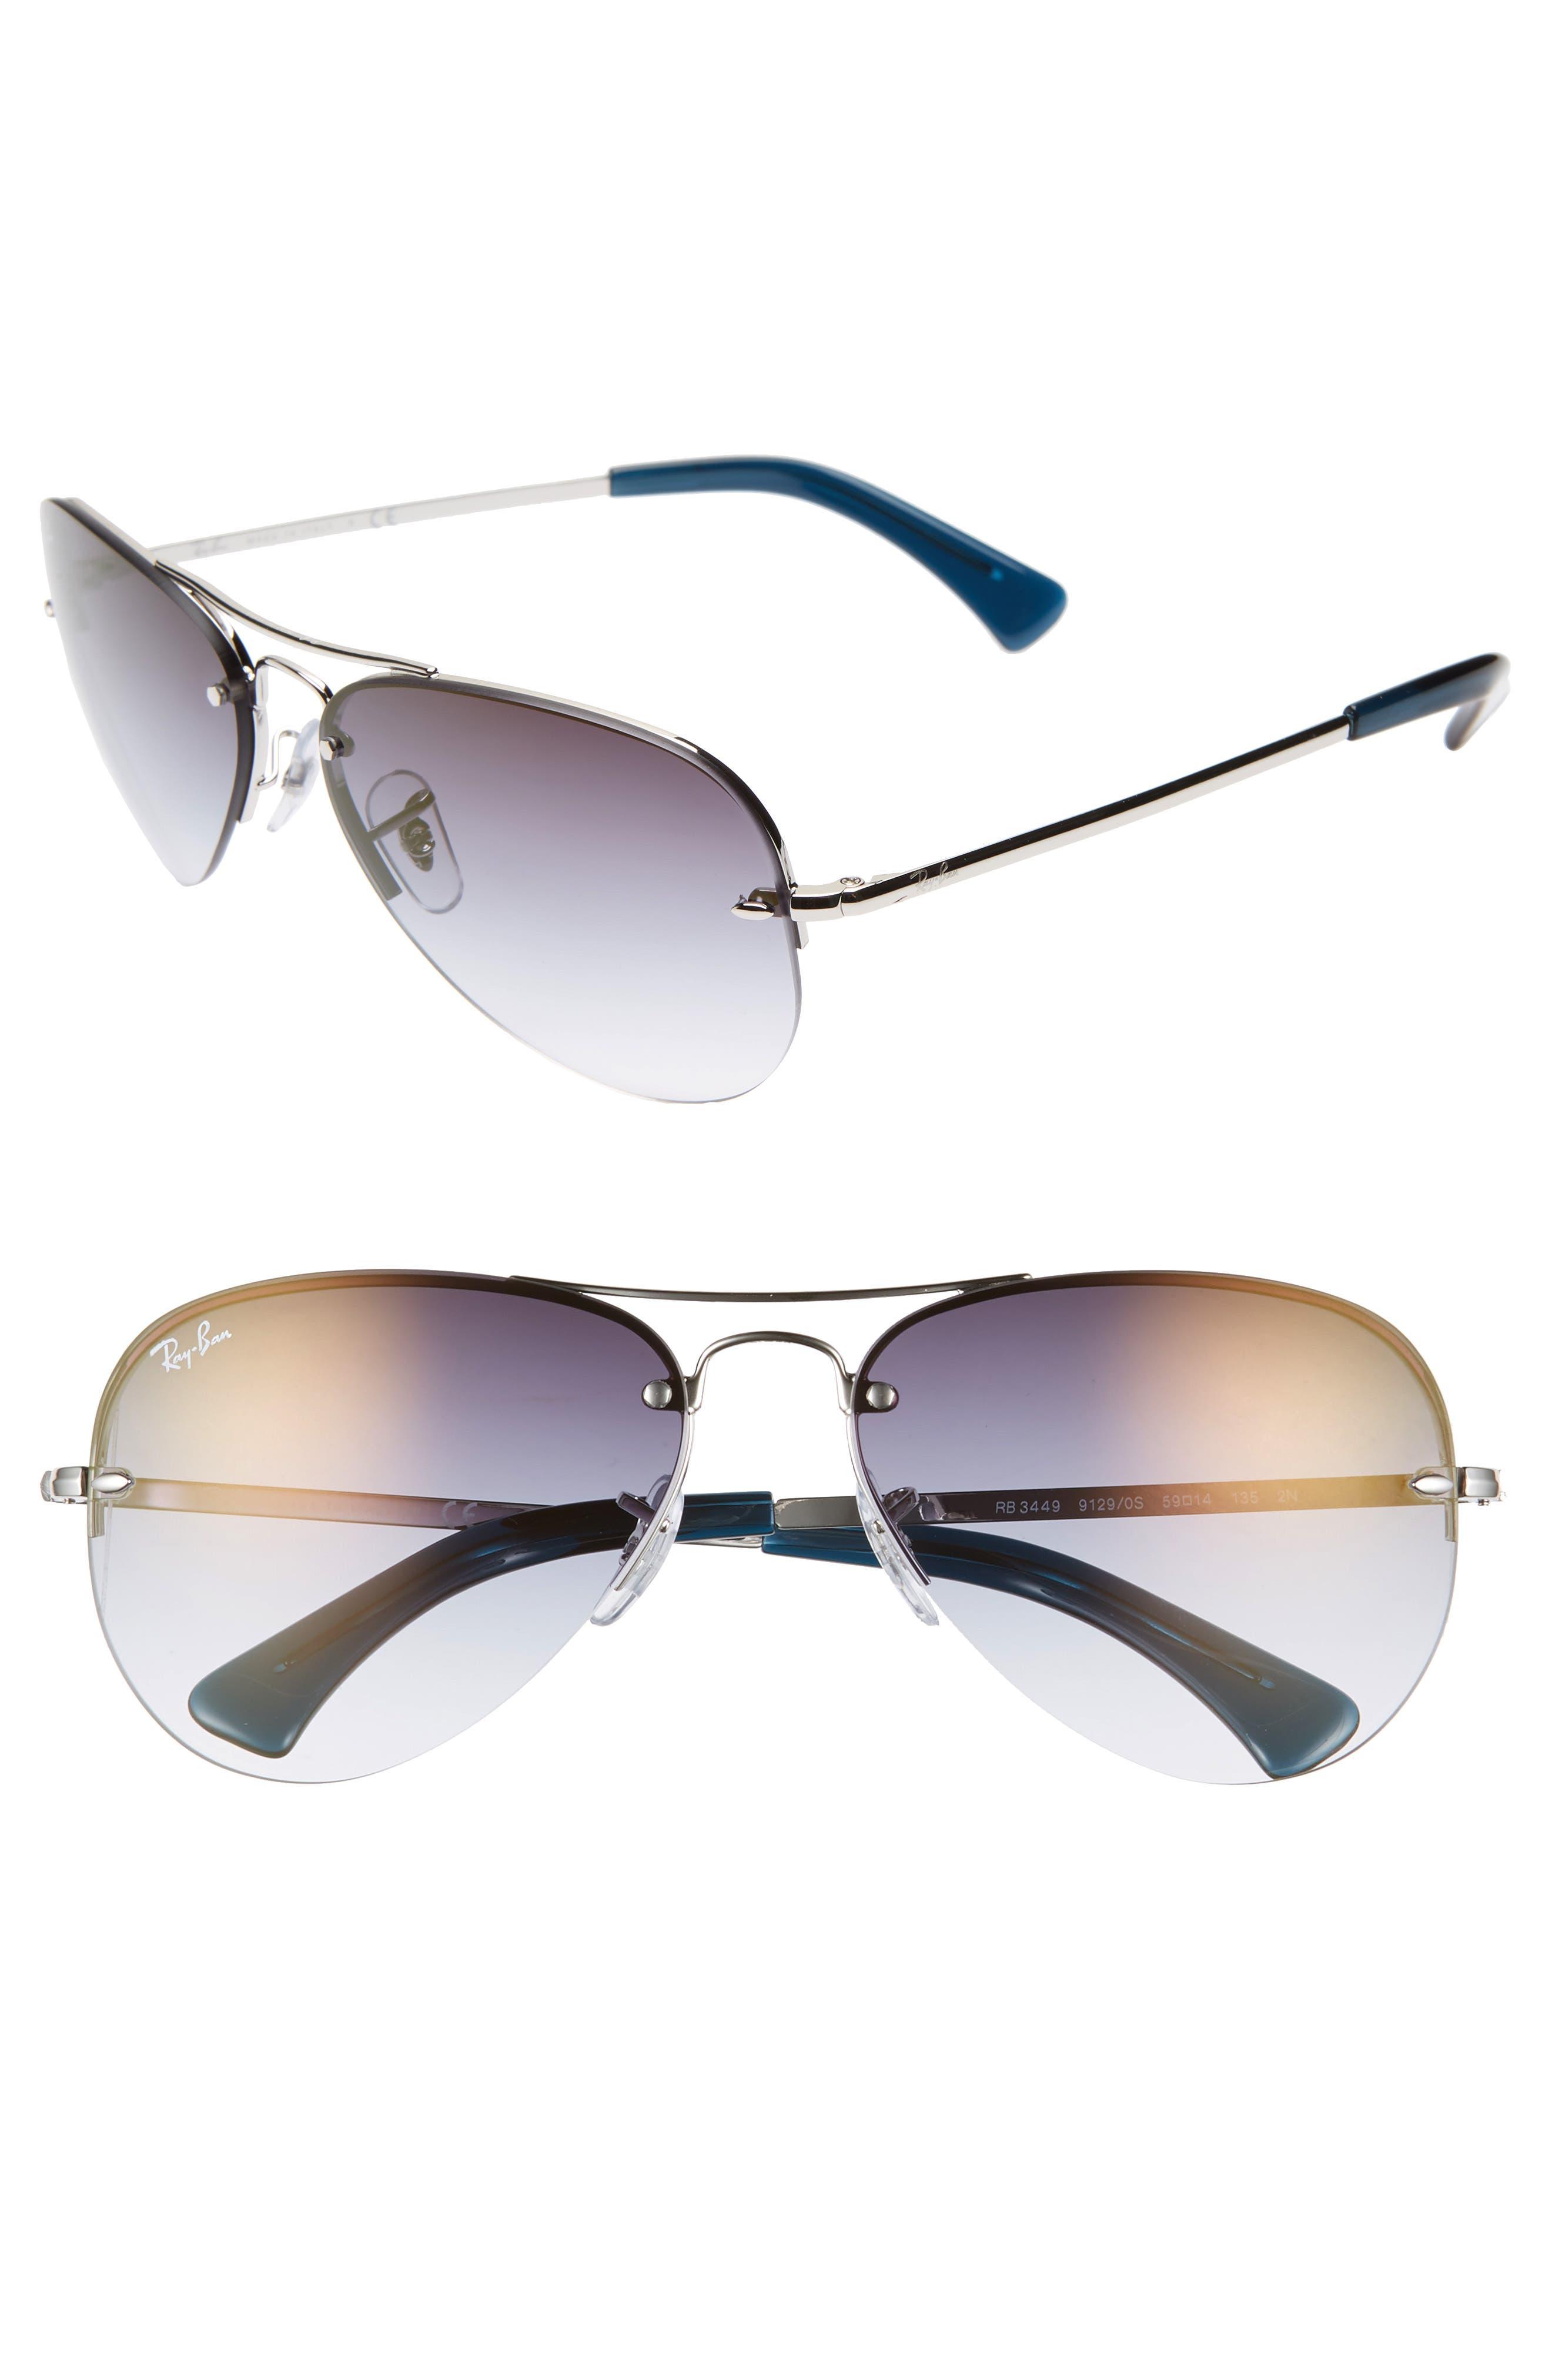 2869b1a26bf Square Aviator Sunglasses